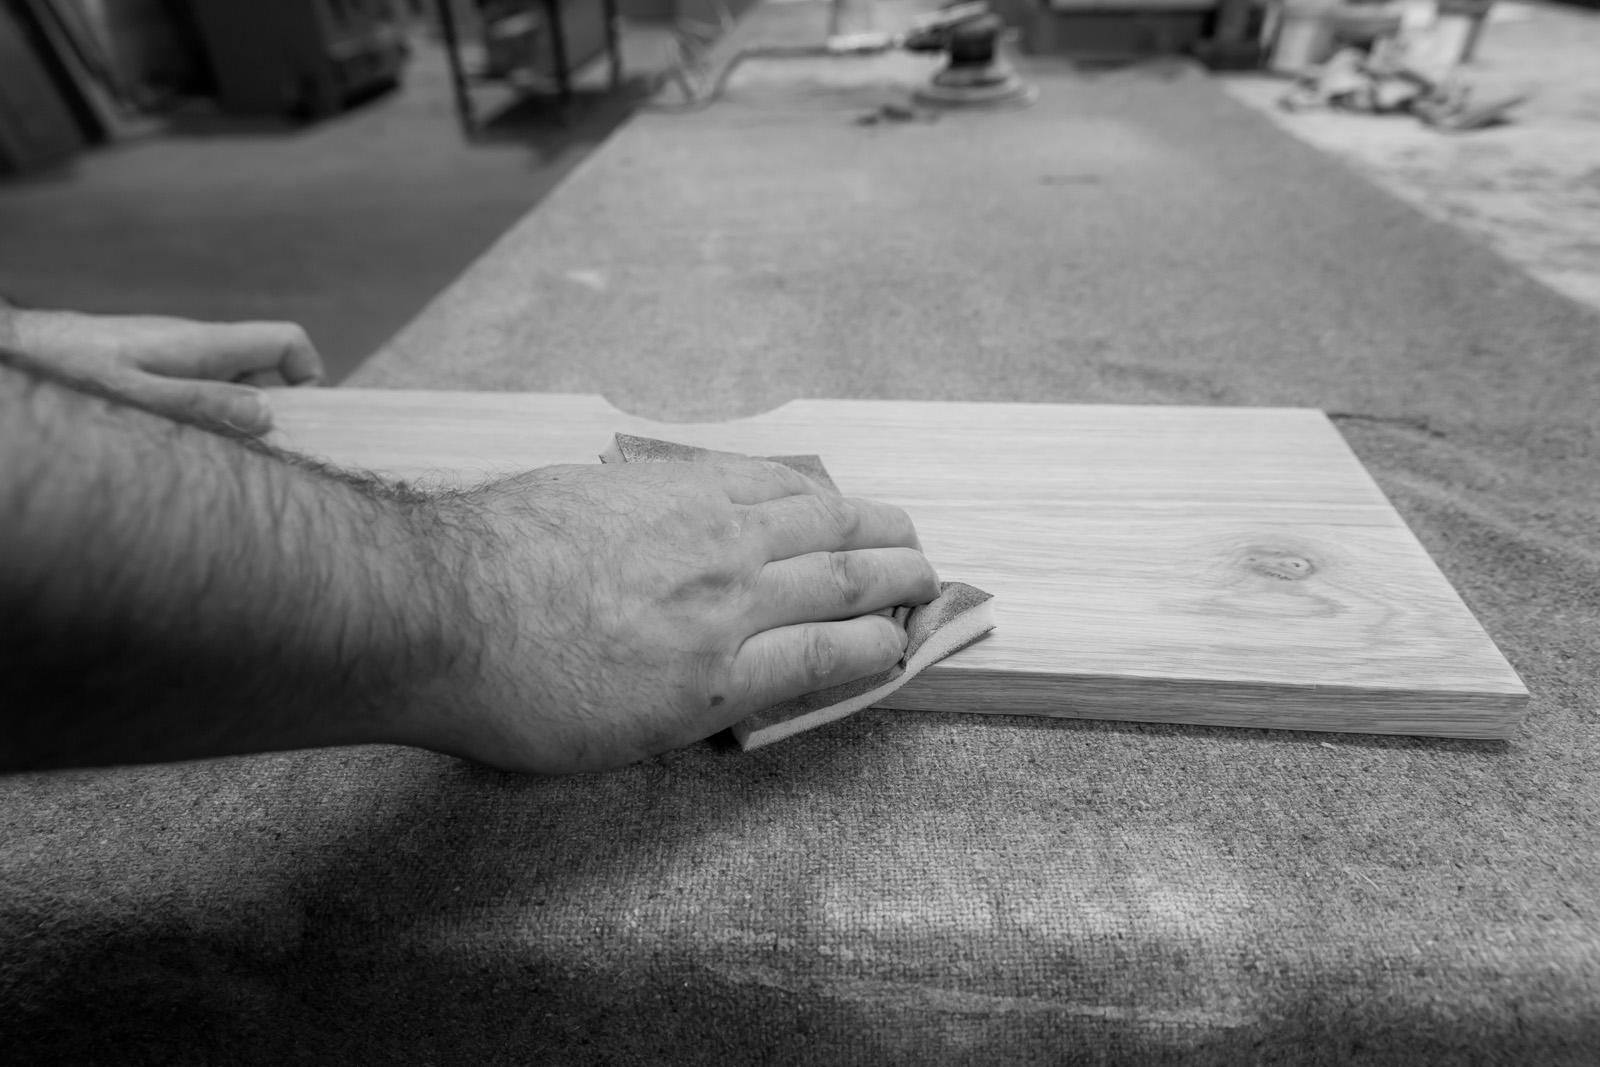 Workshop, Woodparts, Craftsmanship